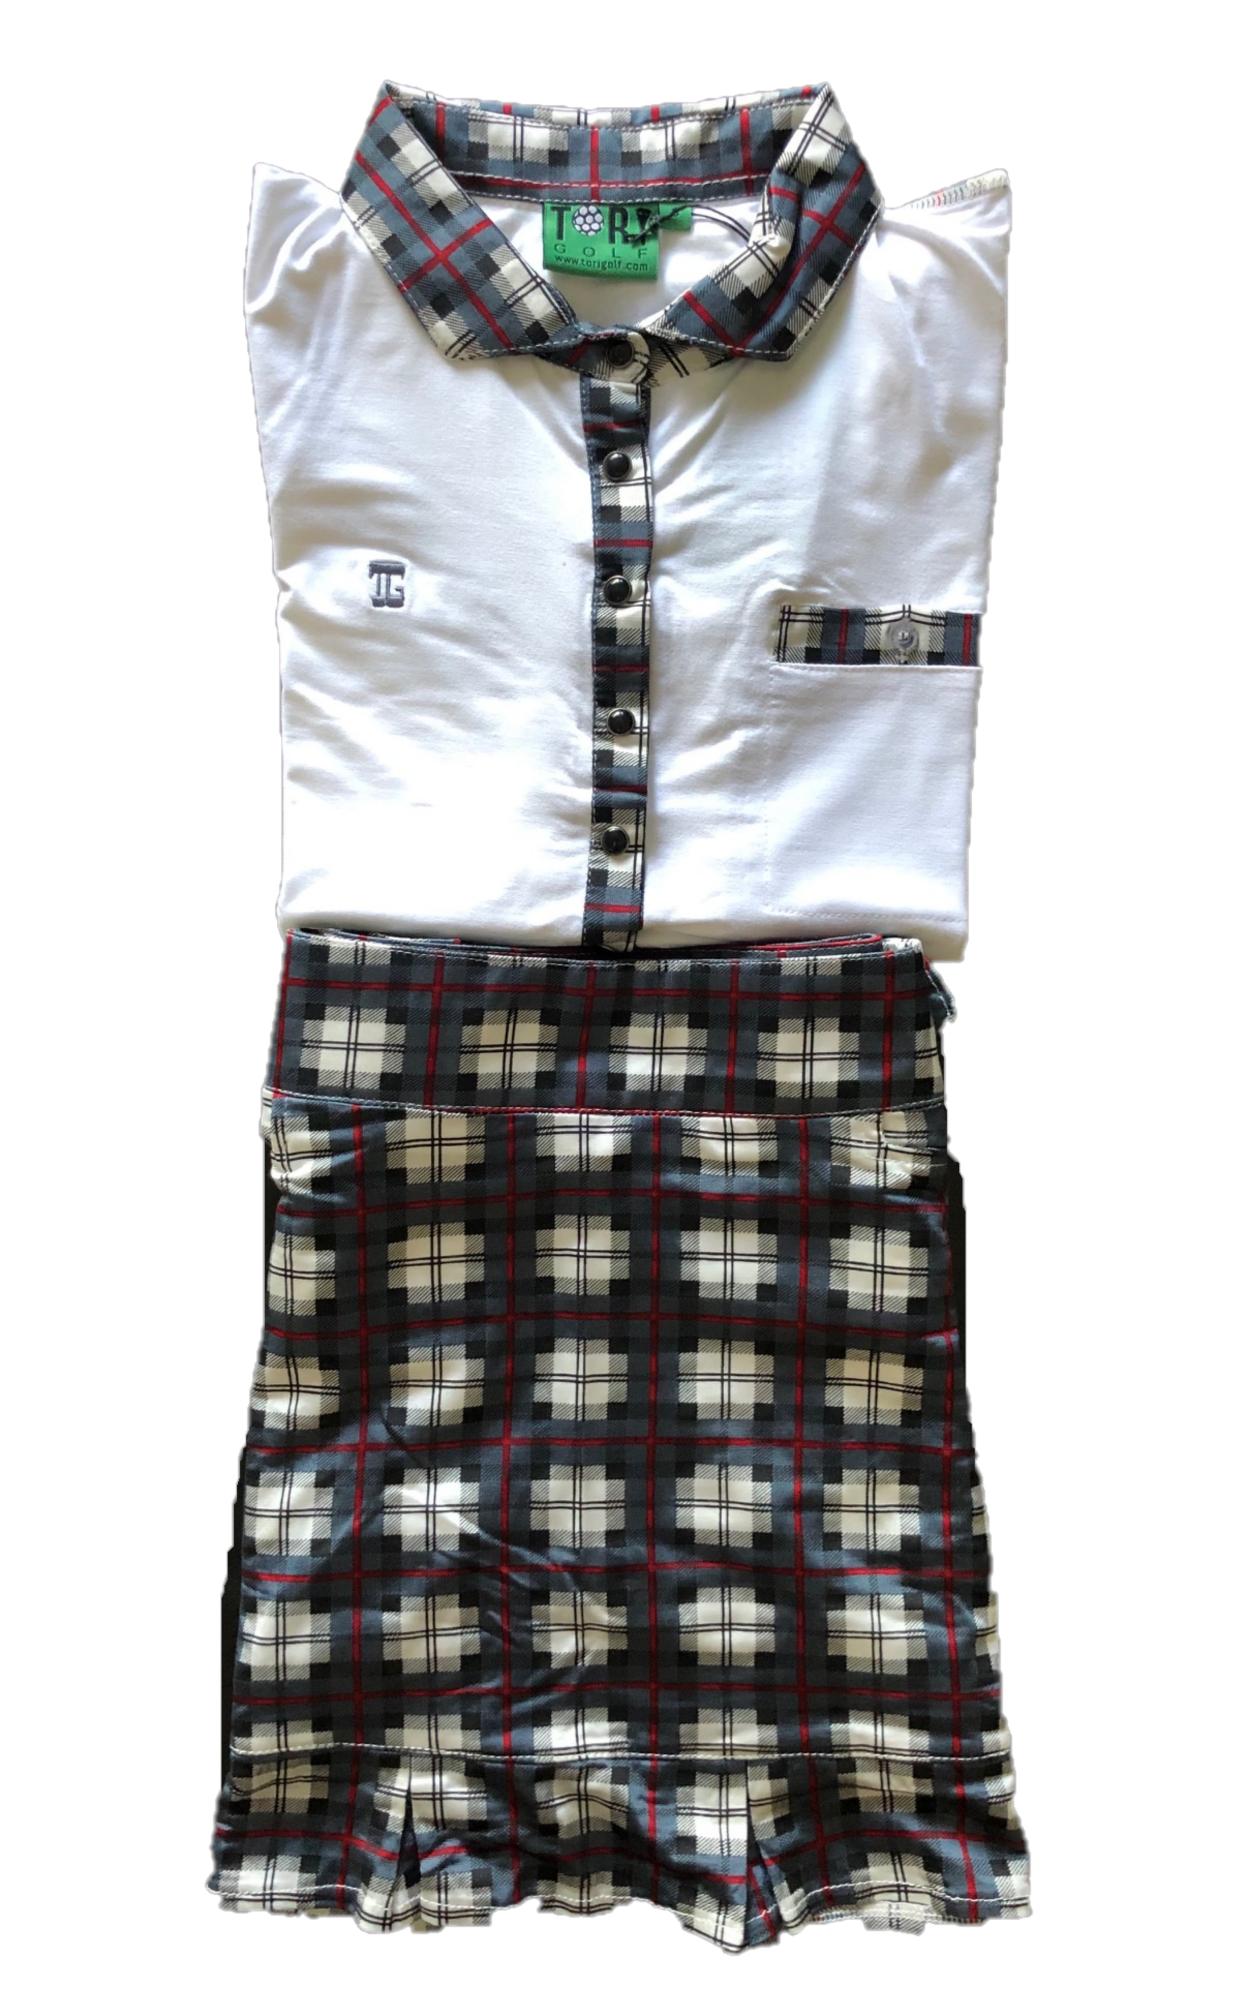 LGS-014B    Ladies Golf Skirt & Top 3/4 Sleeve White With Grey  & Black Tartan Trim 6 Pearl Snap Fasteners – Skirt Grey With Black & White Tartan Squares With Red Borders